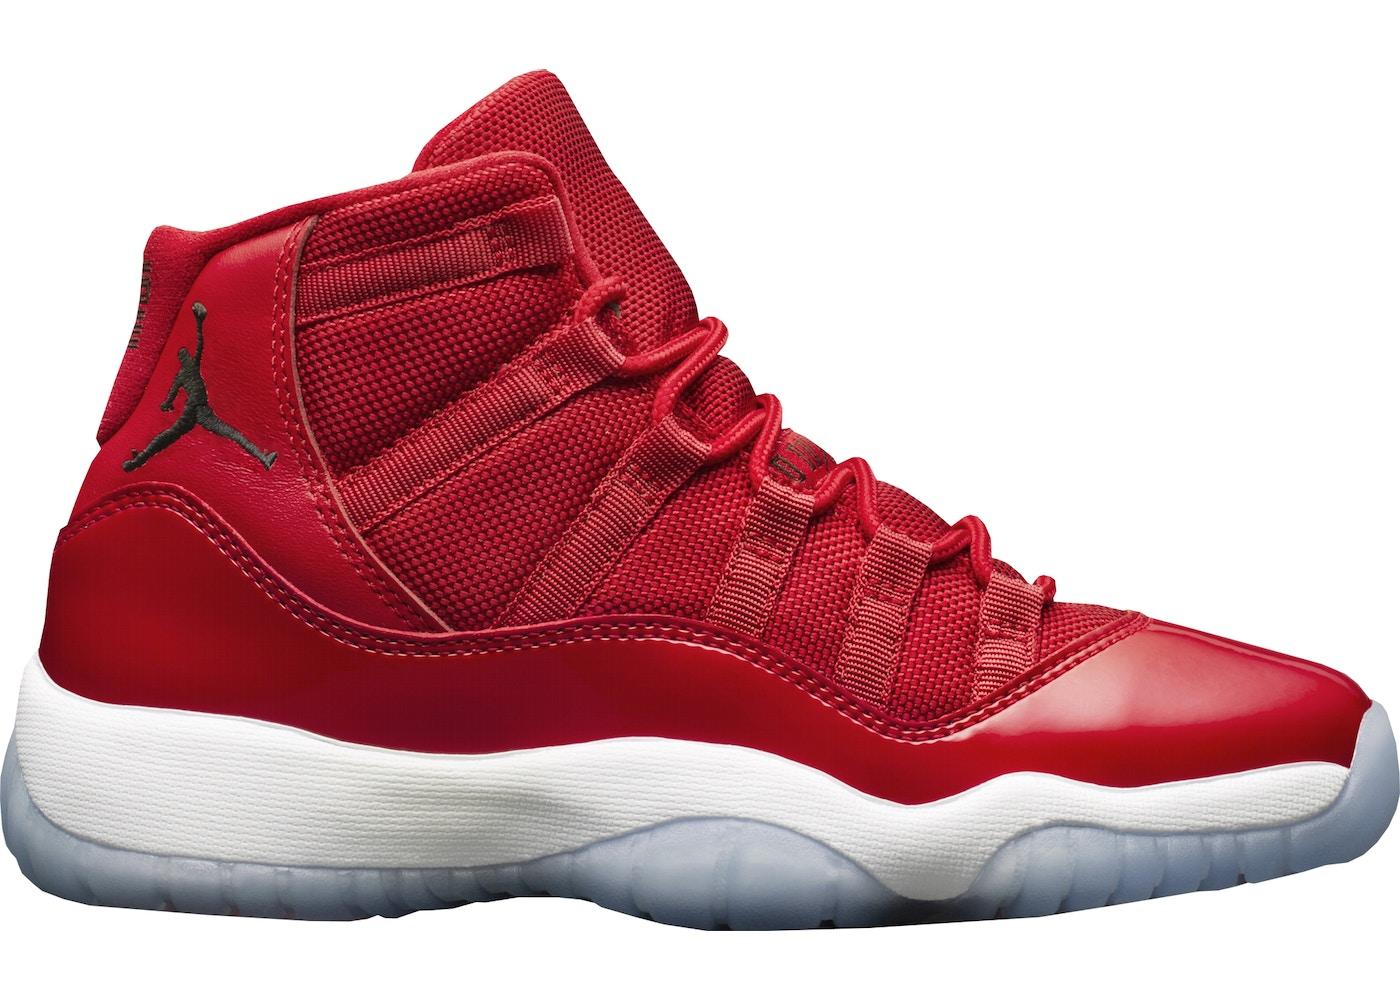 ... competitive price 5f255 1f545 Jordan 11 Retro Win Like 96 (GS) ... cb9e22104f52